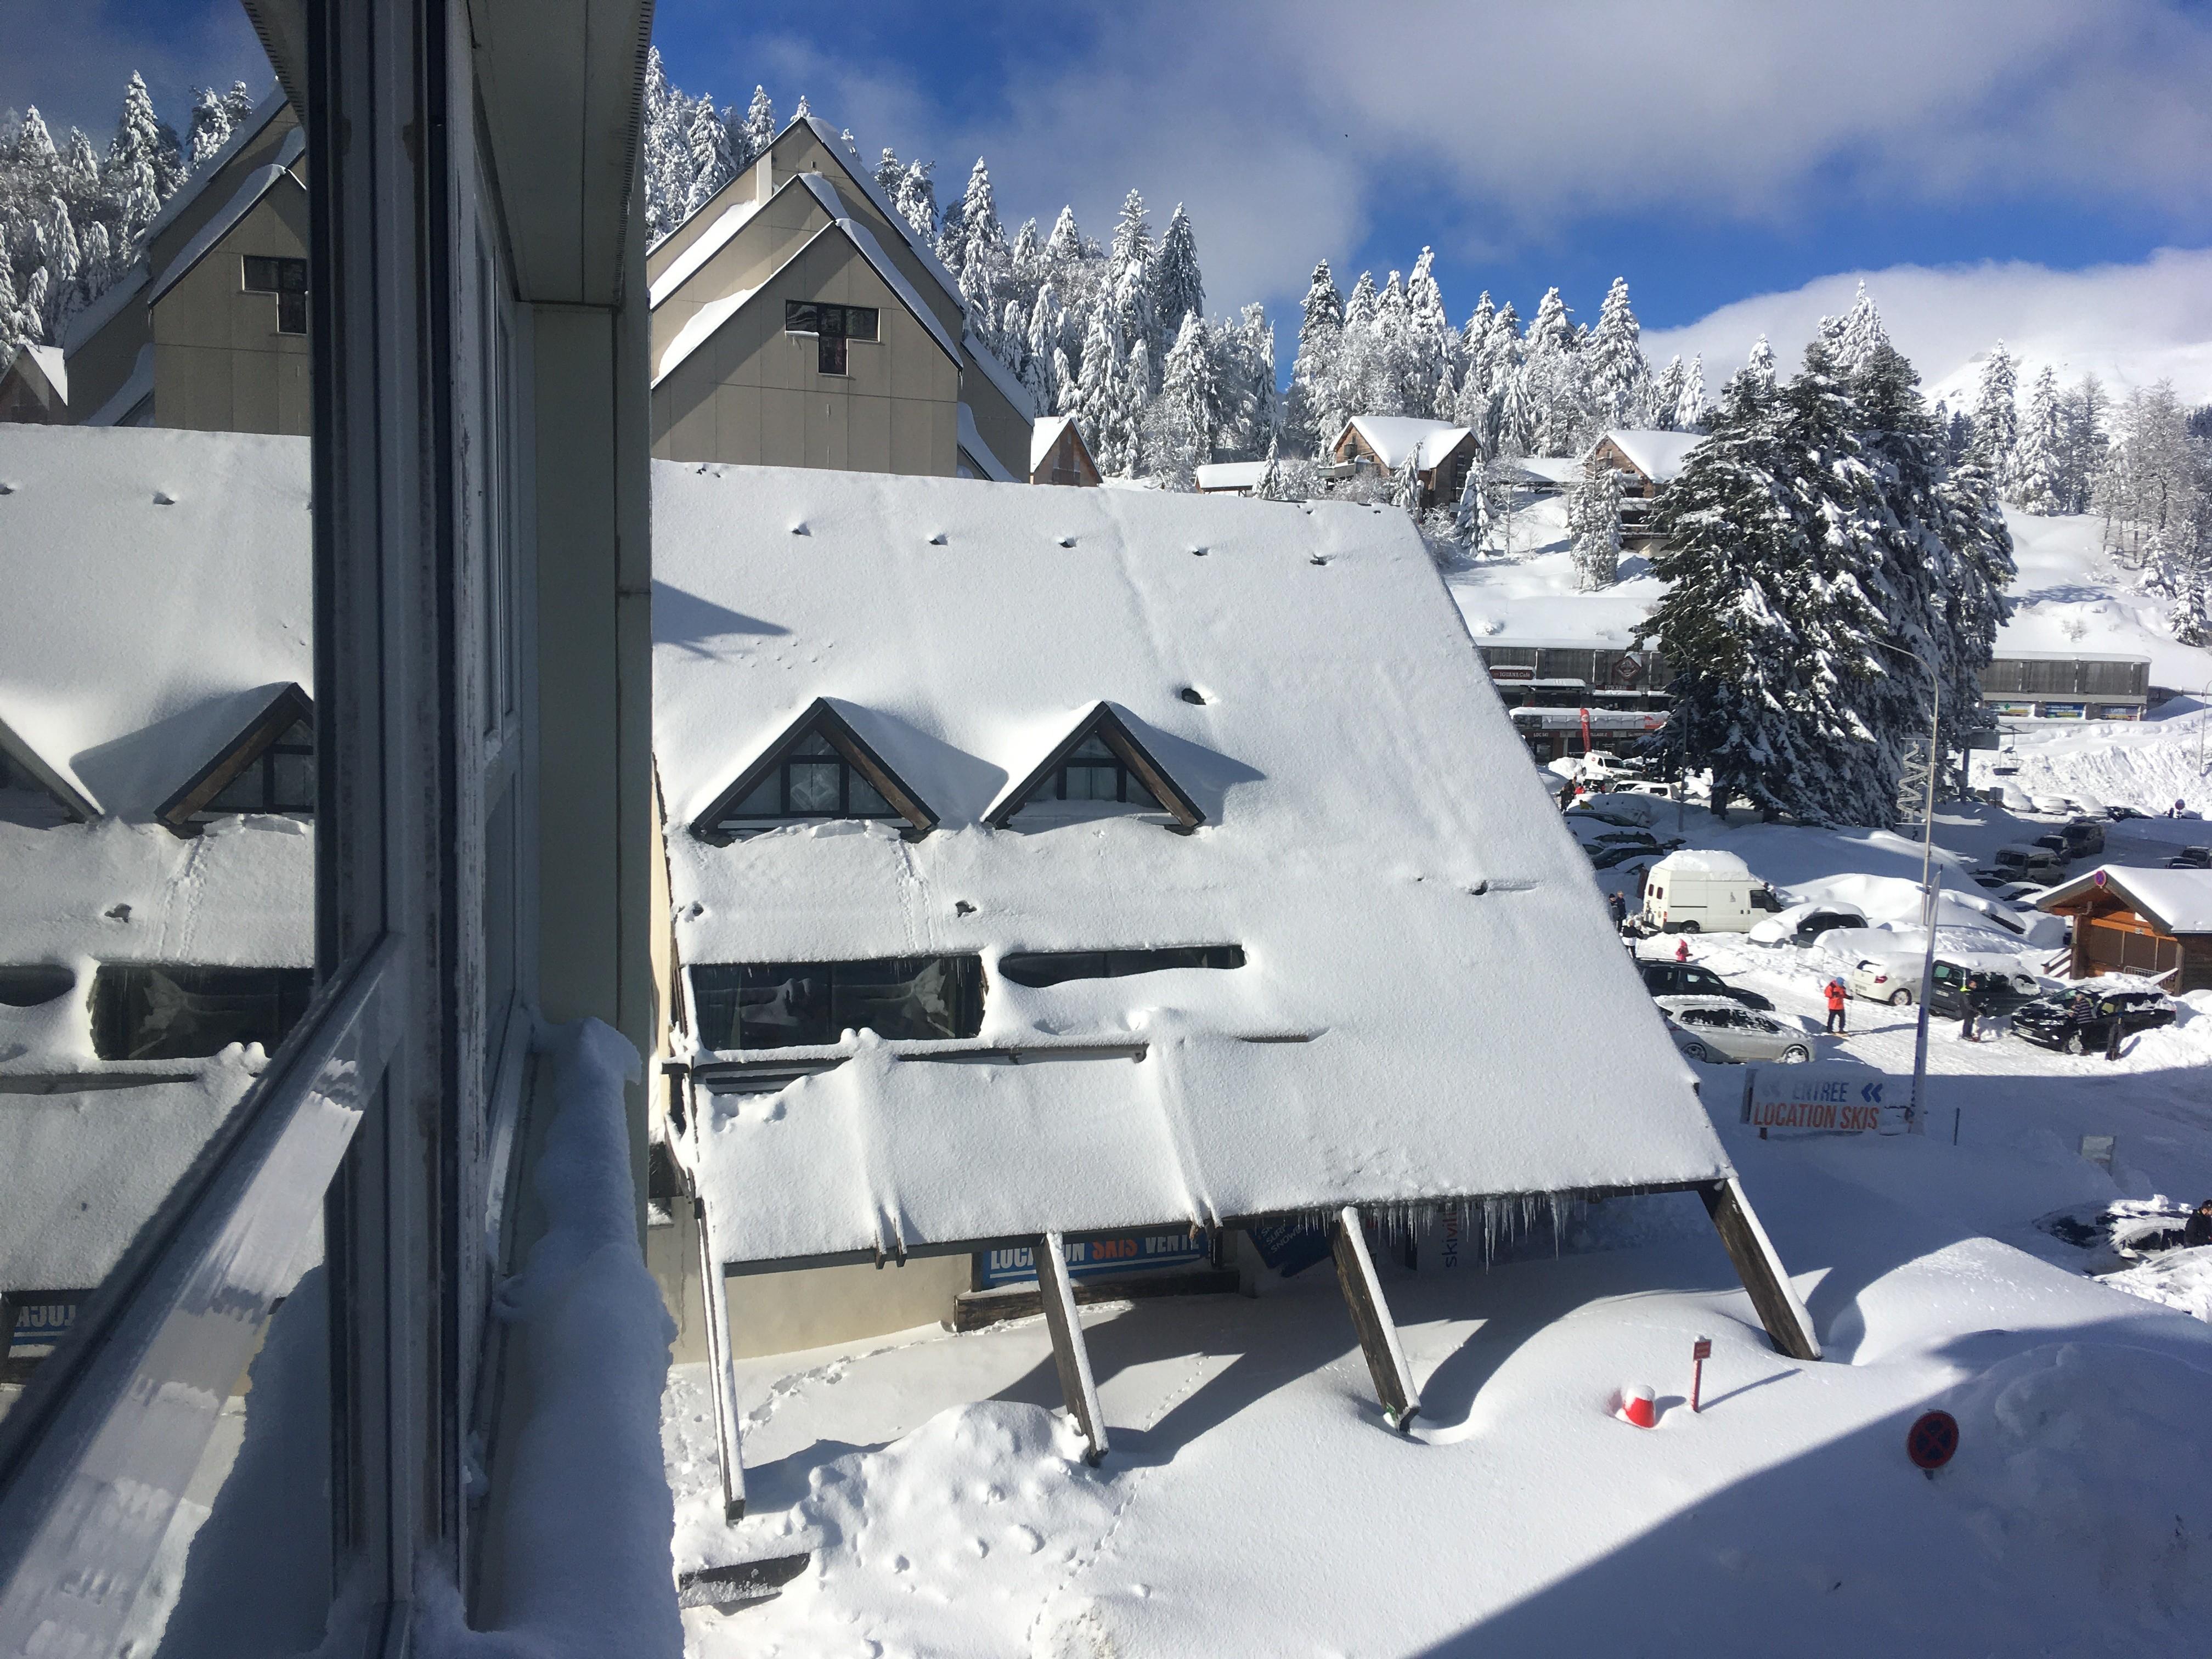 1293 balcon enseveli soius la neige